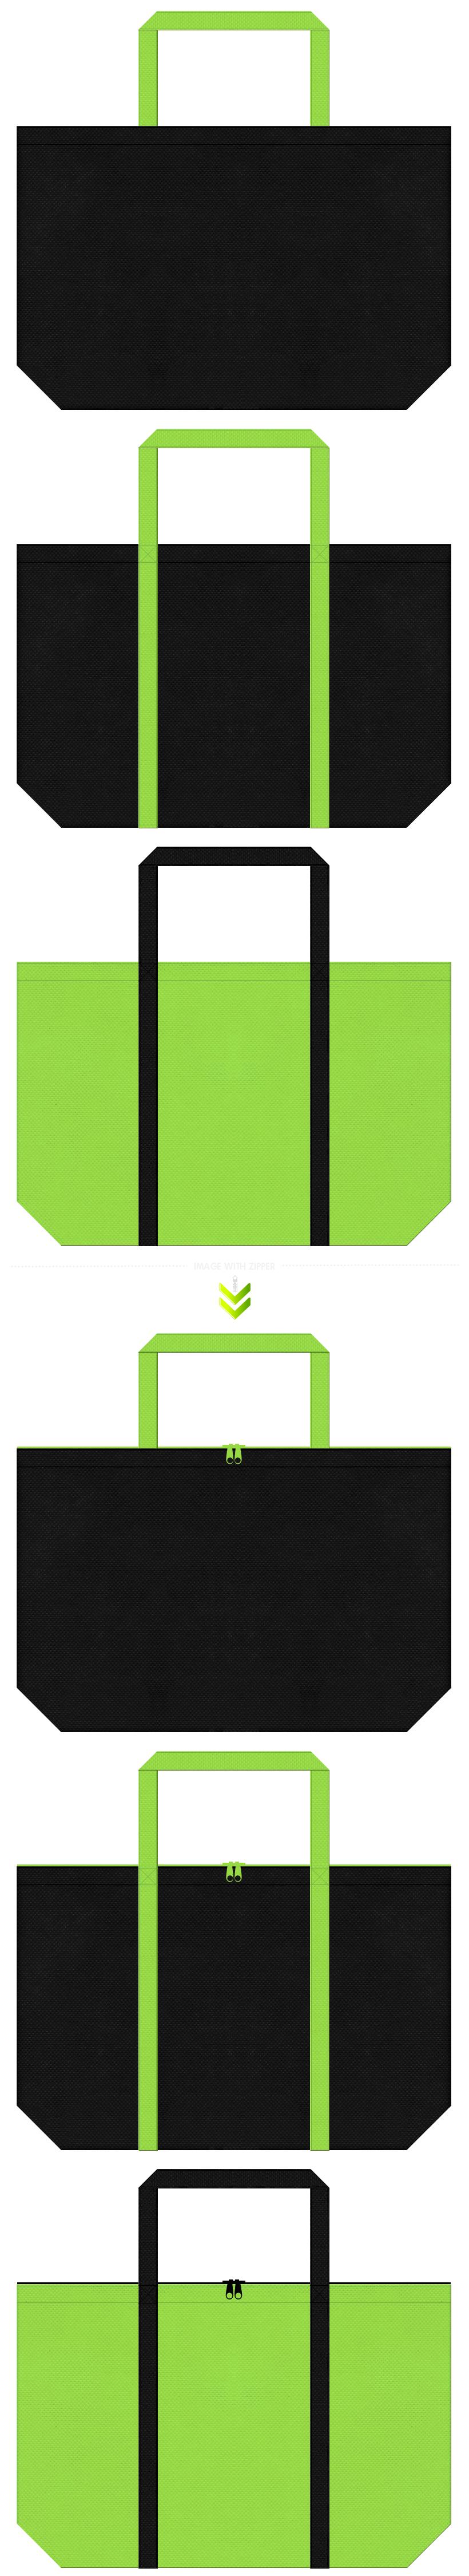 黒色と黄緑色の不織布エコバッグのデザイン。スポーティーファッションのショッピングバッグにお奨めです。